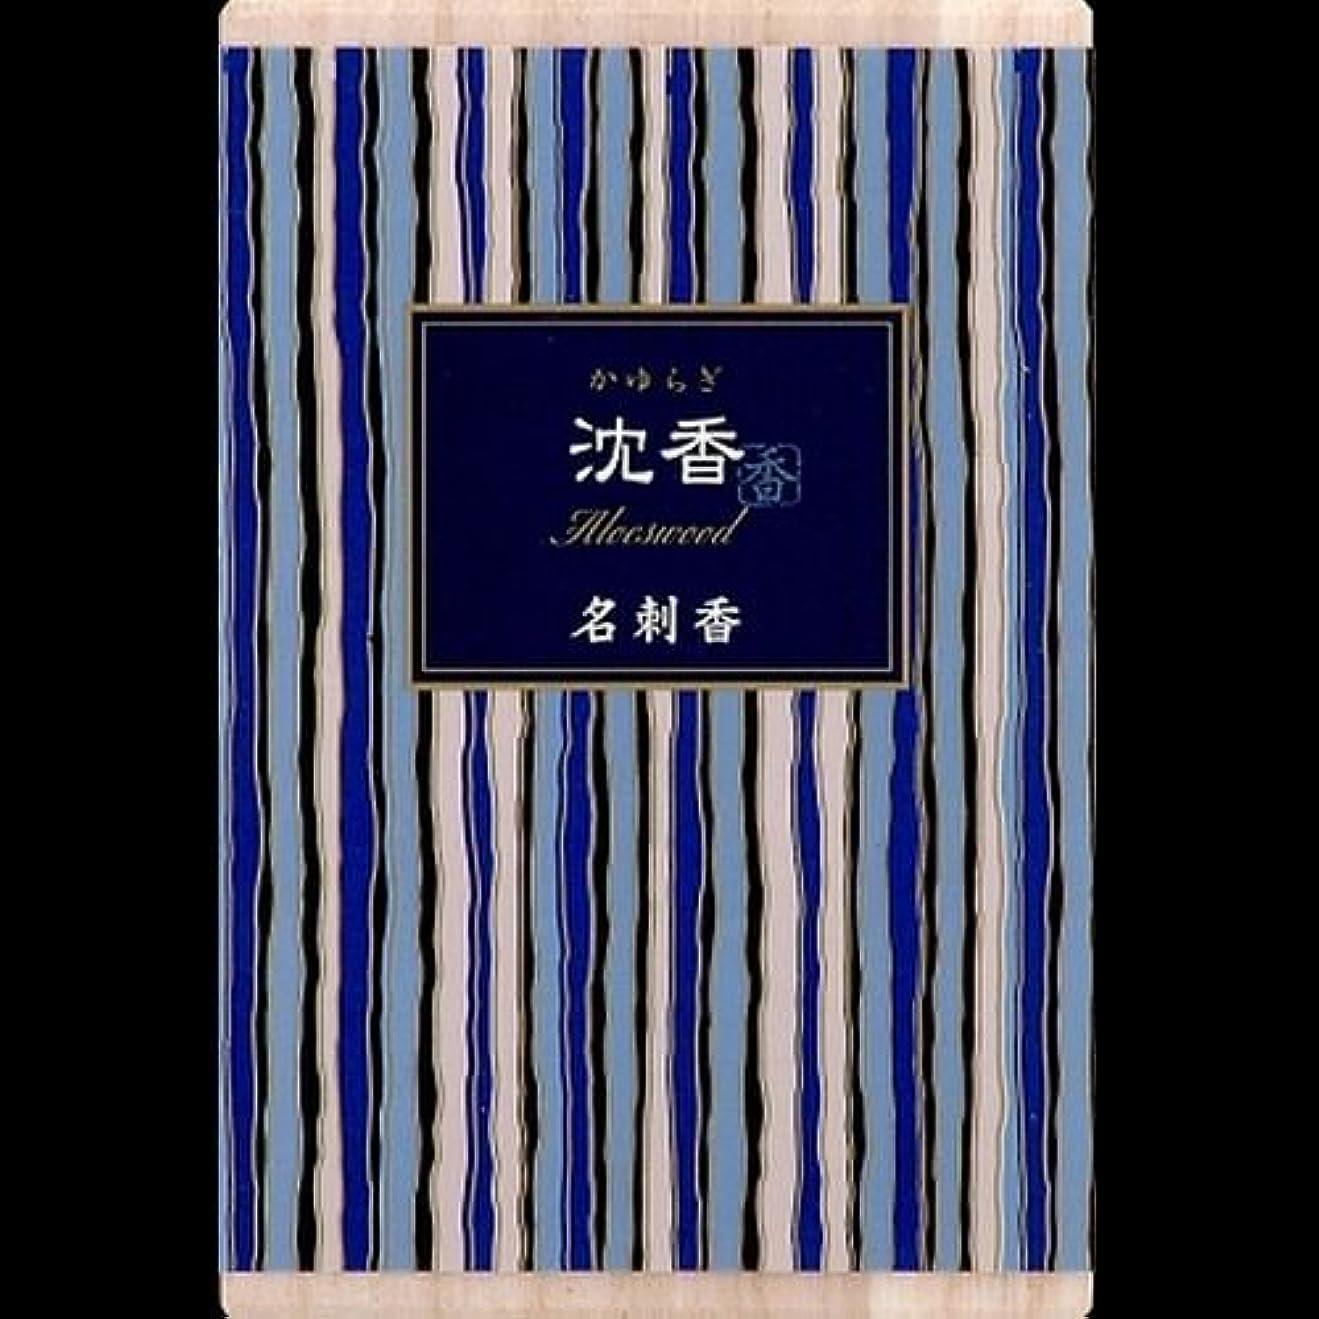 霊幻想疑わしい【まとめ買い】かゆらぎ 沈香 名刺香 桐箱 6入 ×2セット